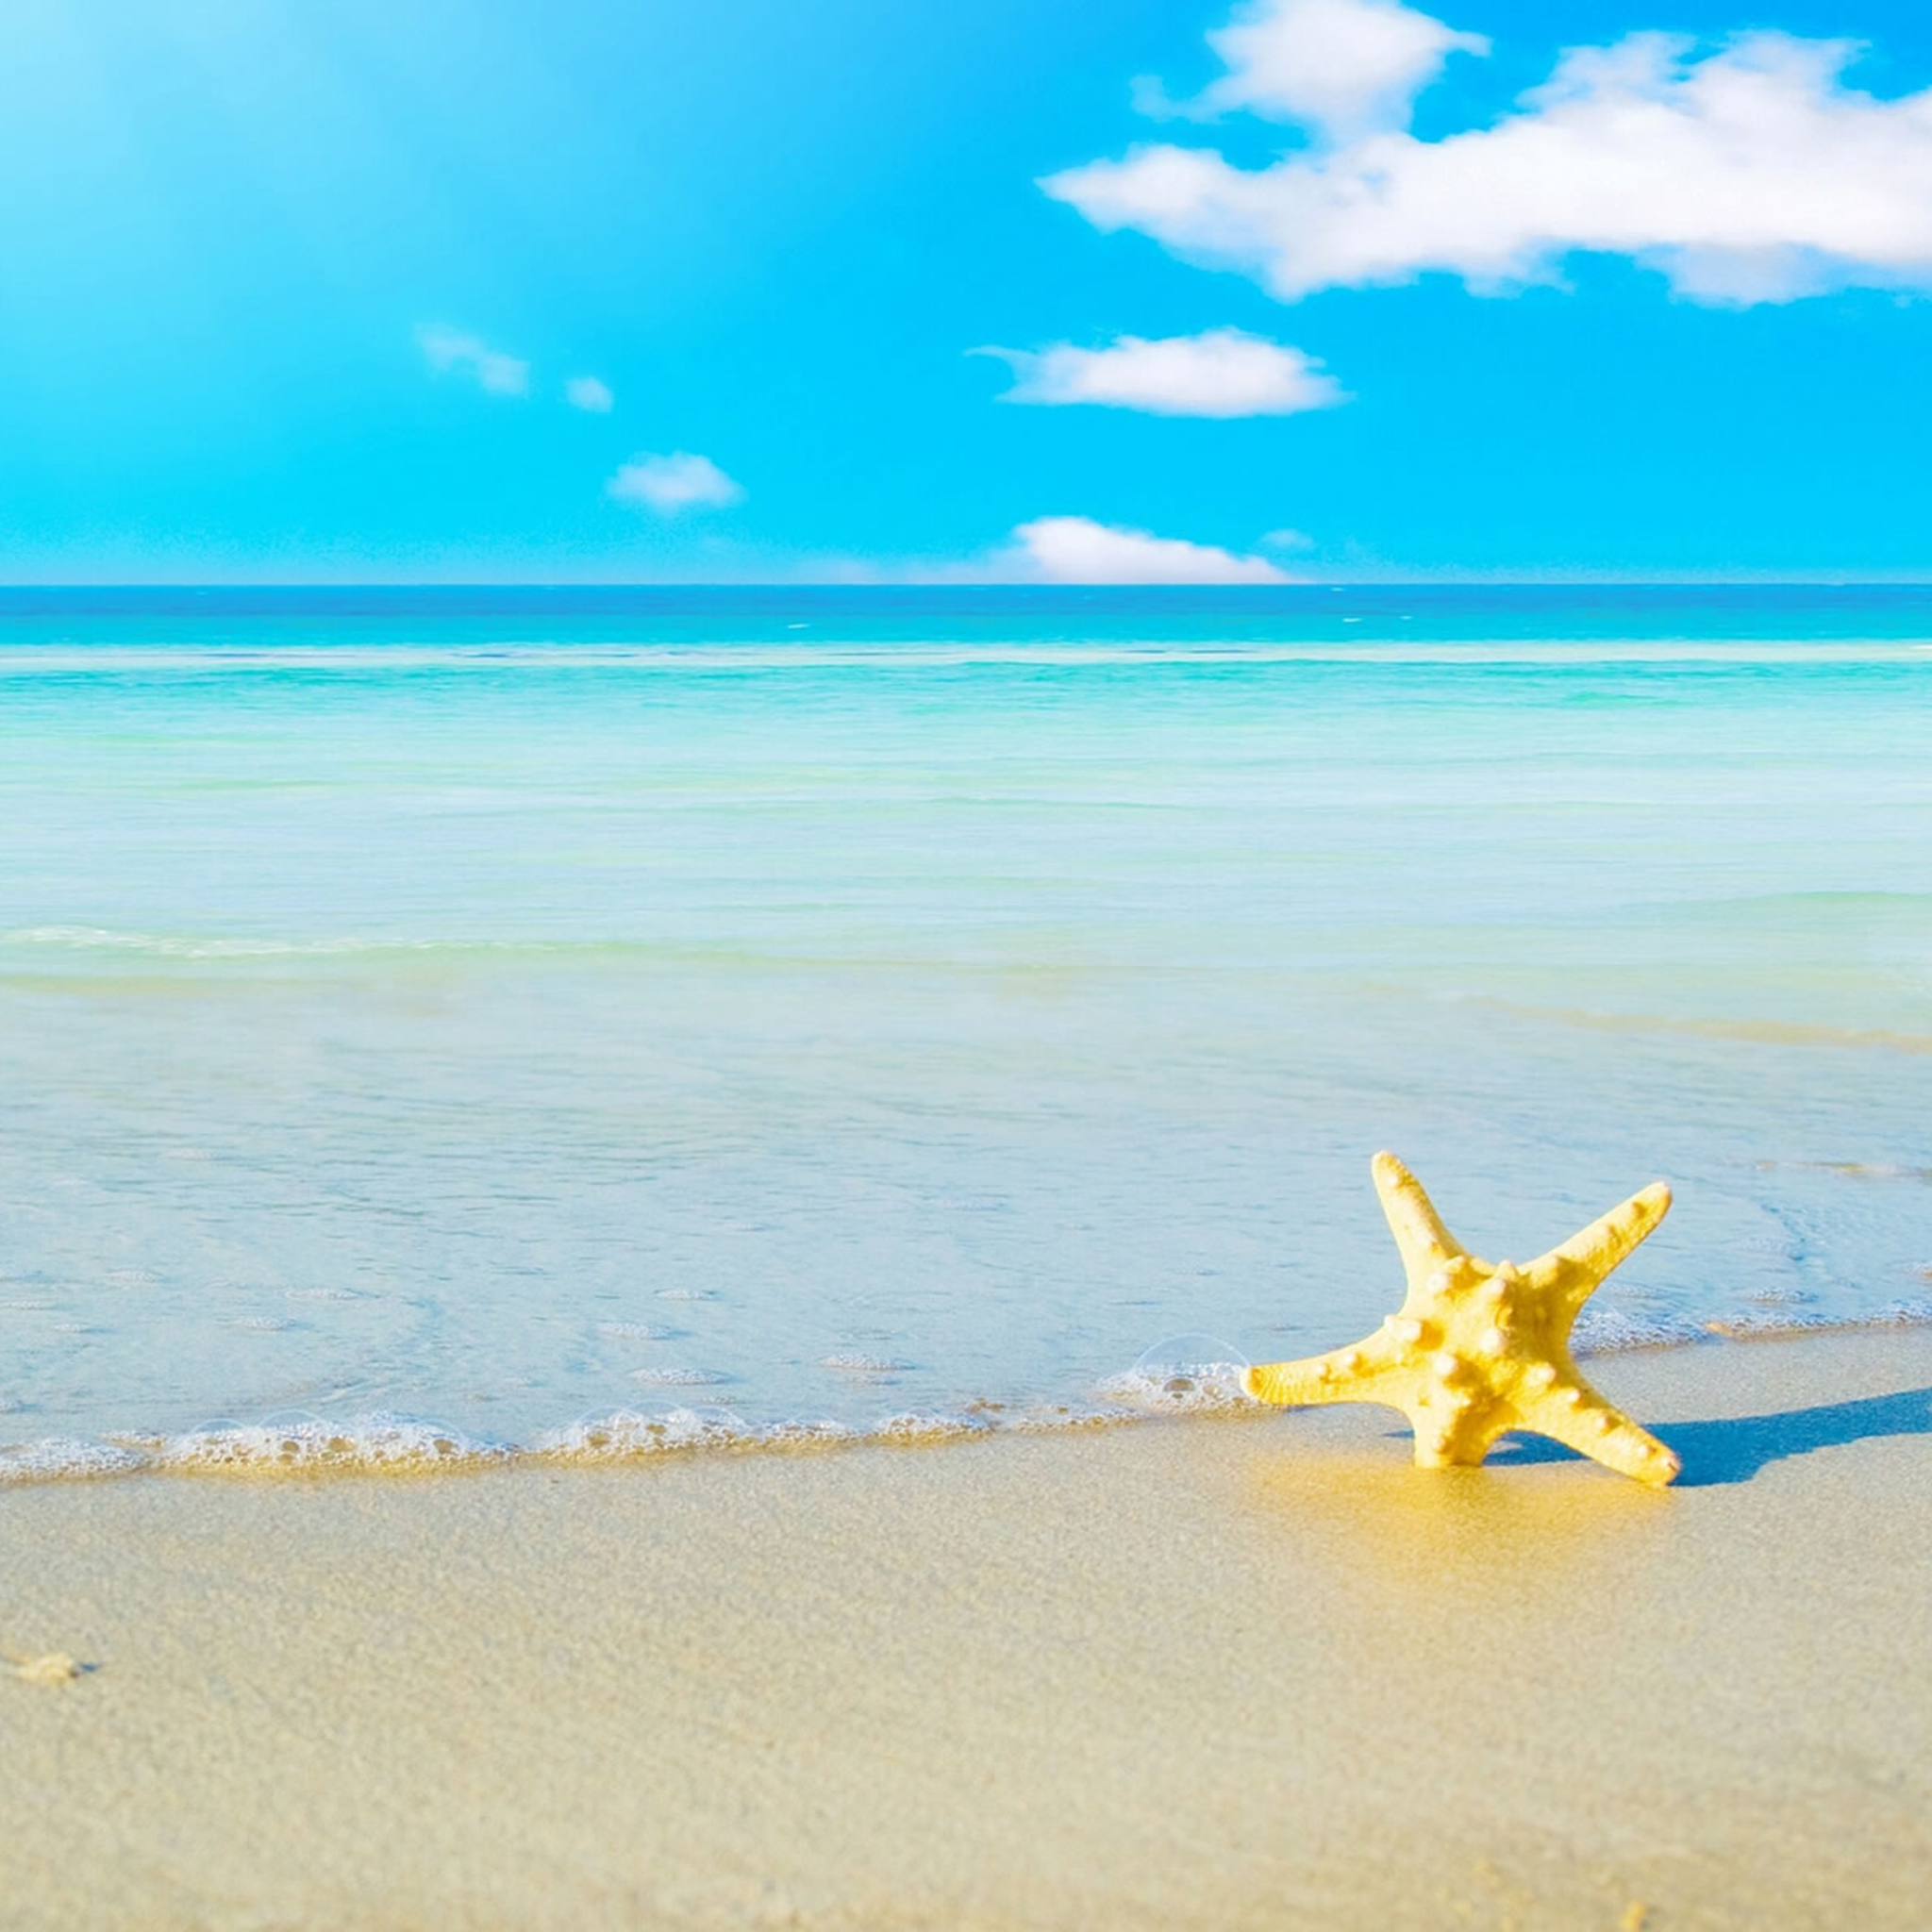 HD Wallpaper Beach and a Starfish   iPad Help For iPad iPad Air iPad 2048x2048